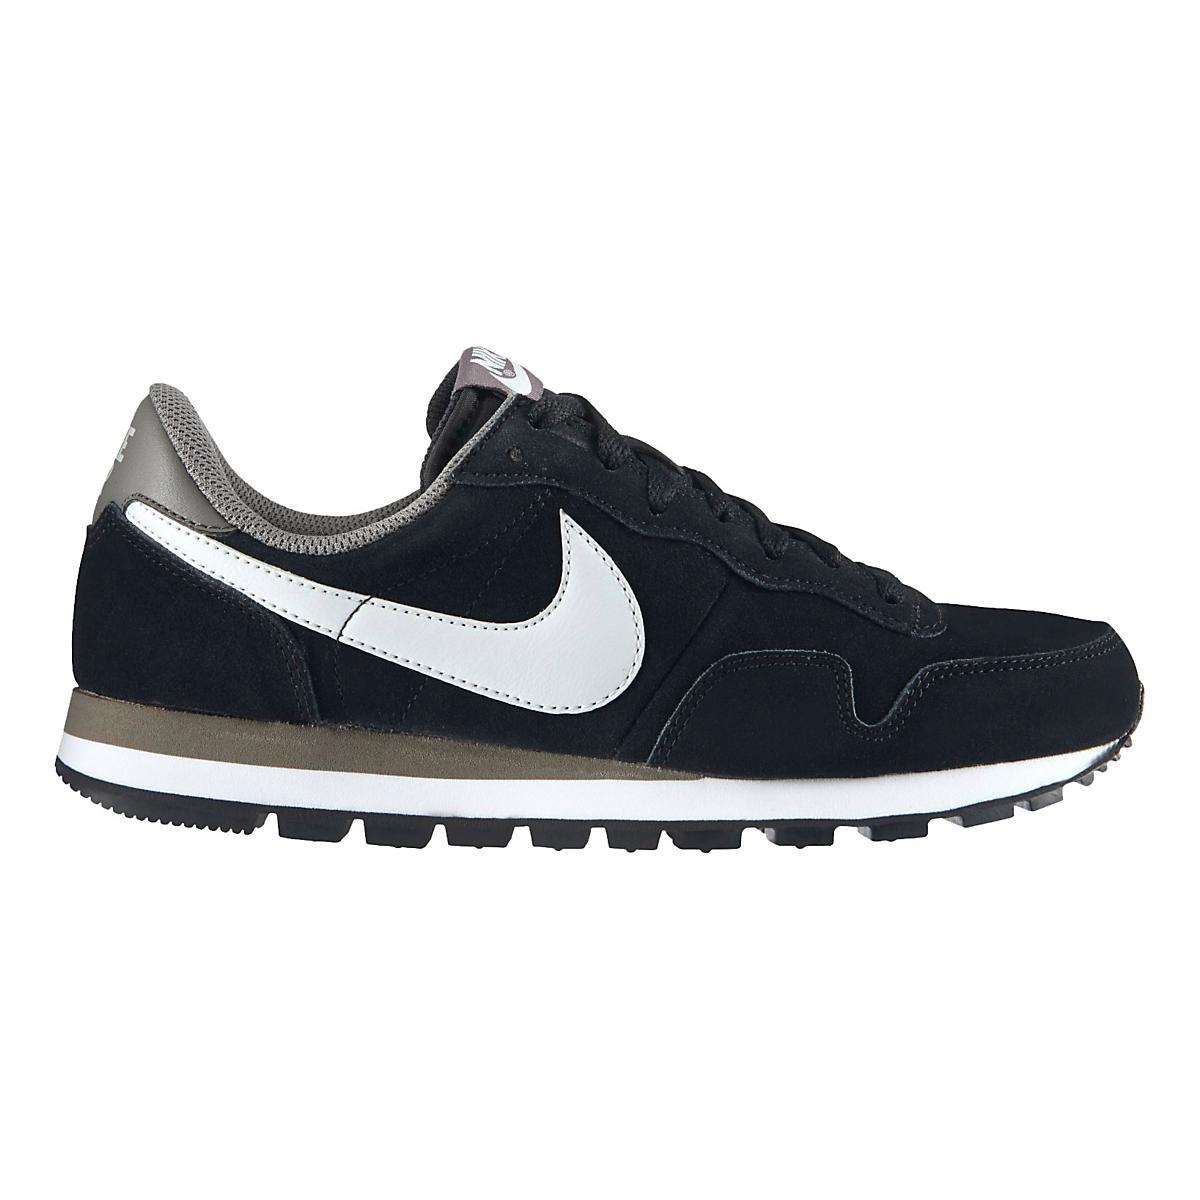 5f0e7ec24c25 ... italy mens nike air pegasus 83 ltr casual shoe at road runner sports  51466 c05c0